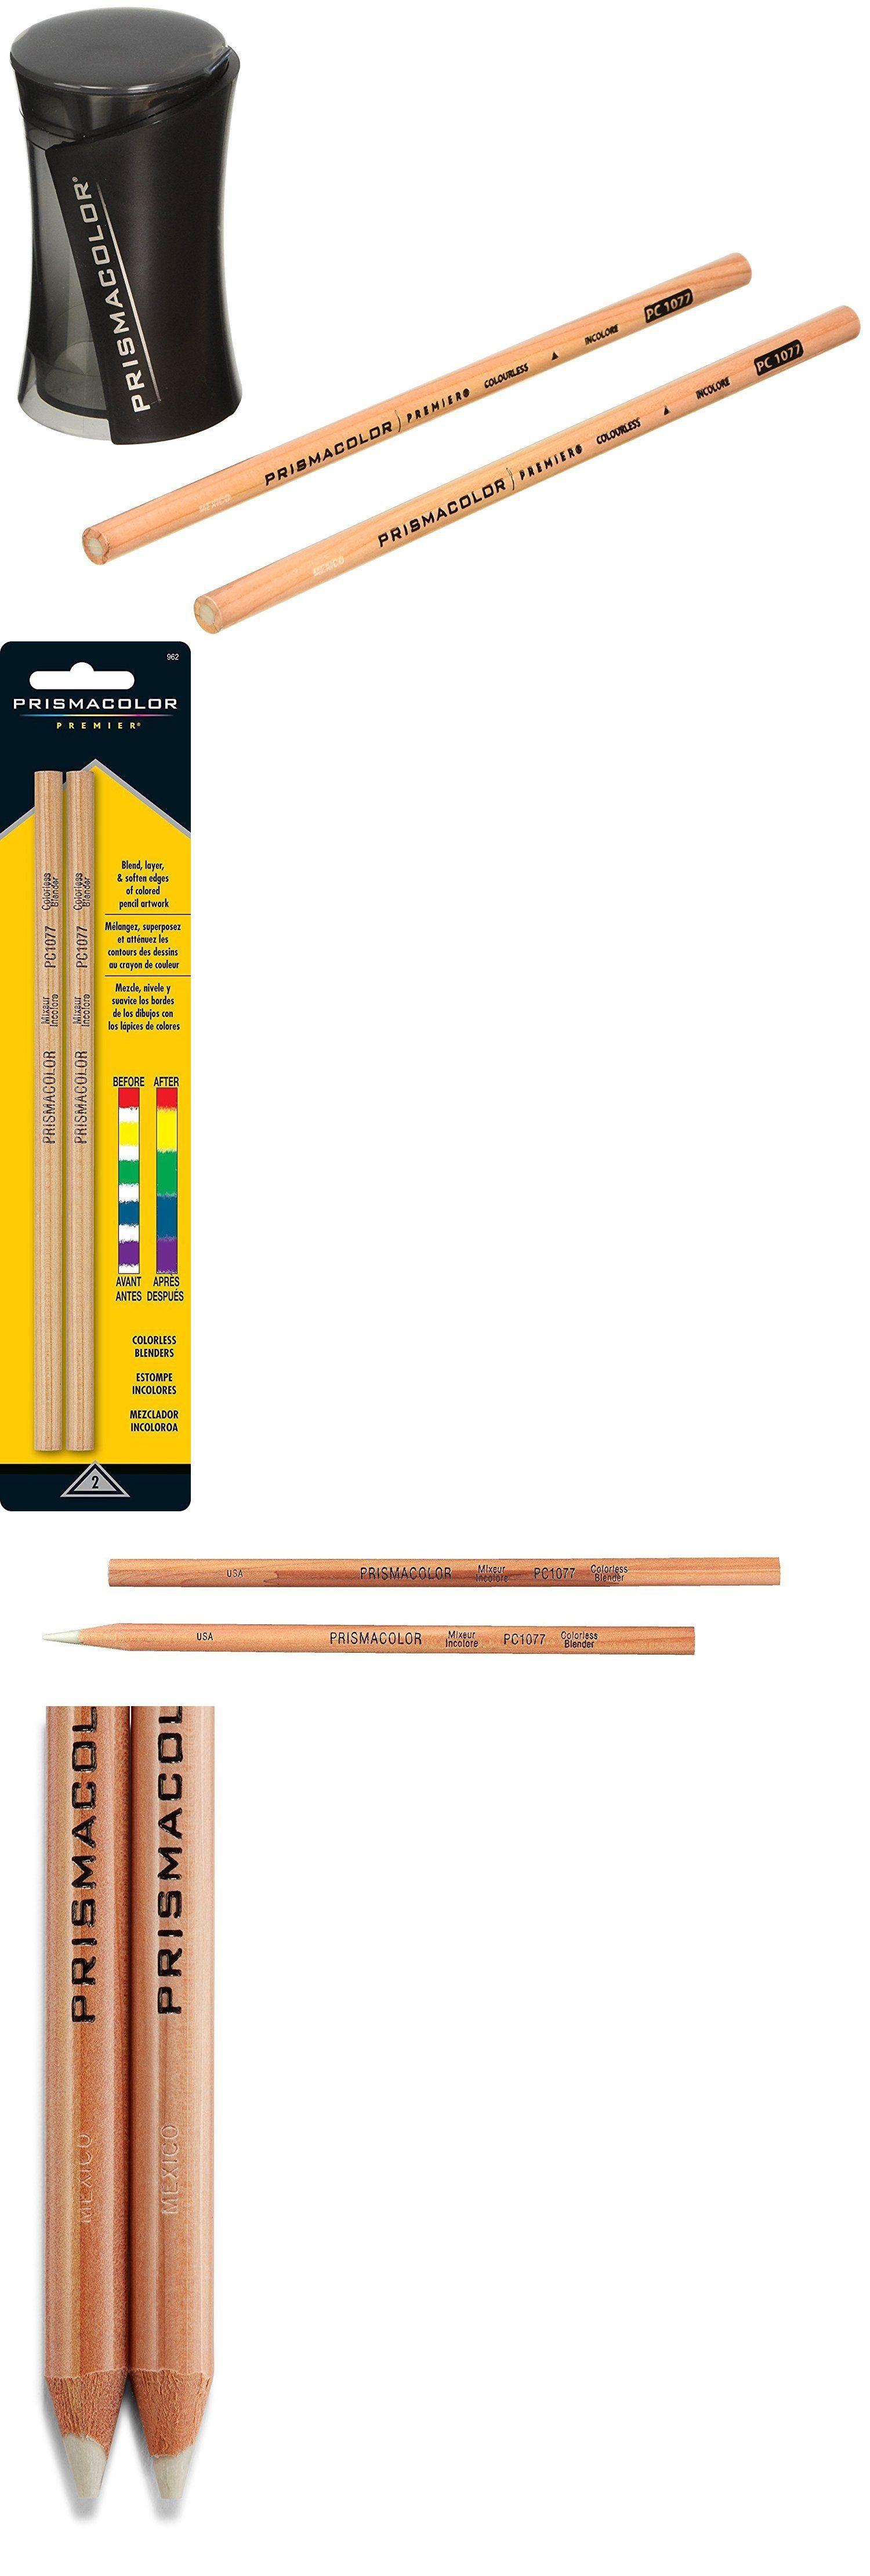 Art pencils and charcoal 28108 prismacolor premier pencil